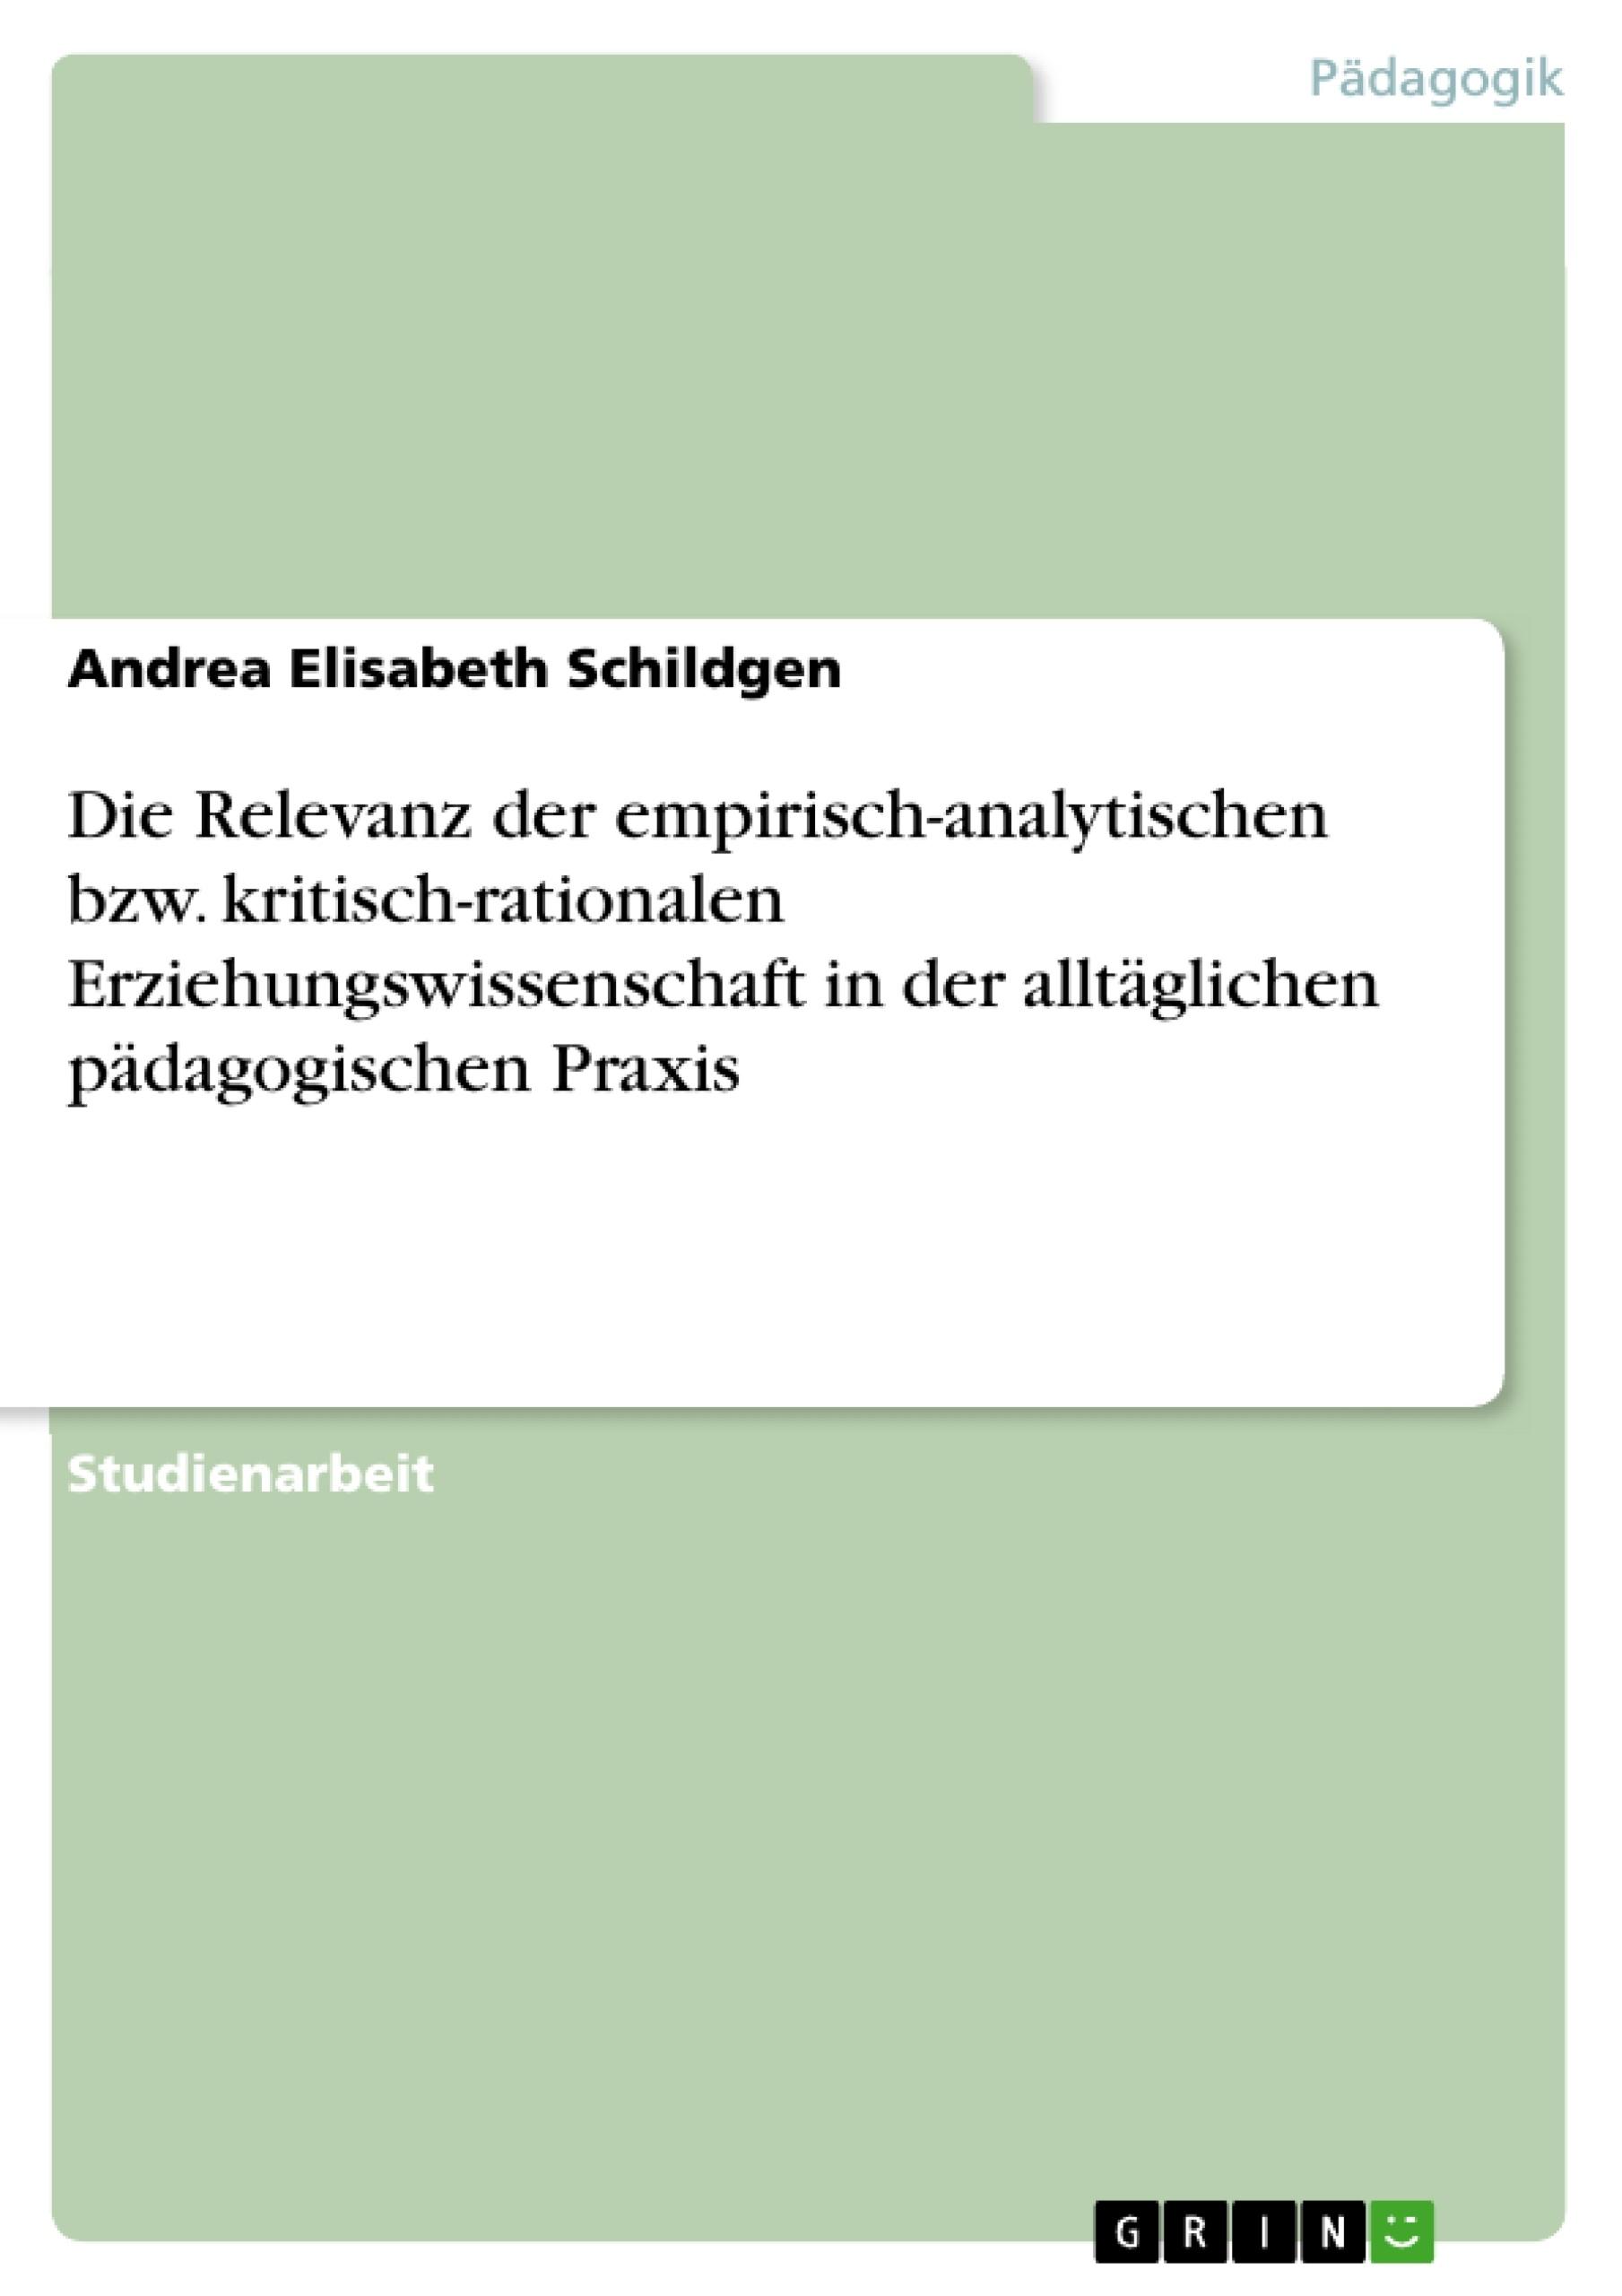 Titel: Die Relevanz der empirisch-analytischen bzw. kritisch-rationalen Erziehungswissenschaft in der alltäglichen pädagogischen Praxis